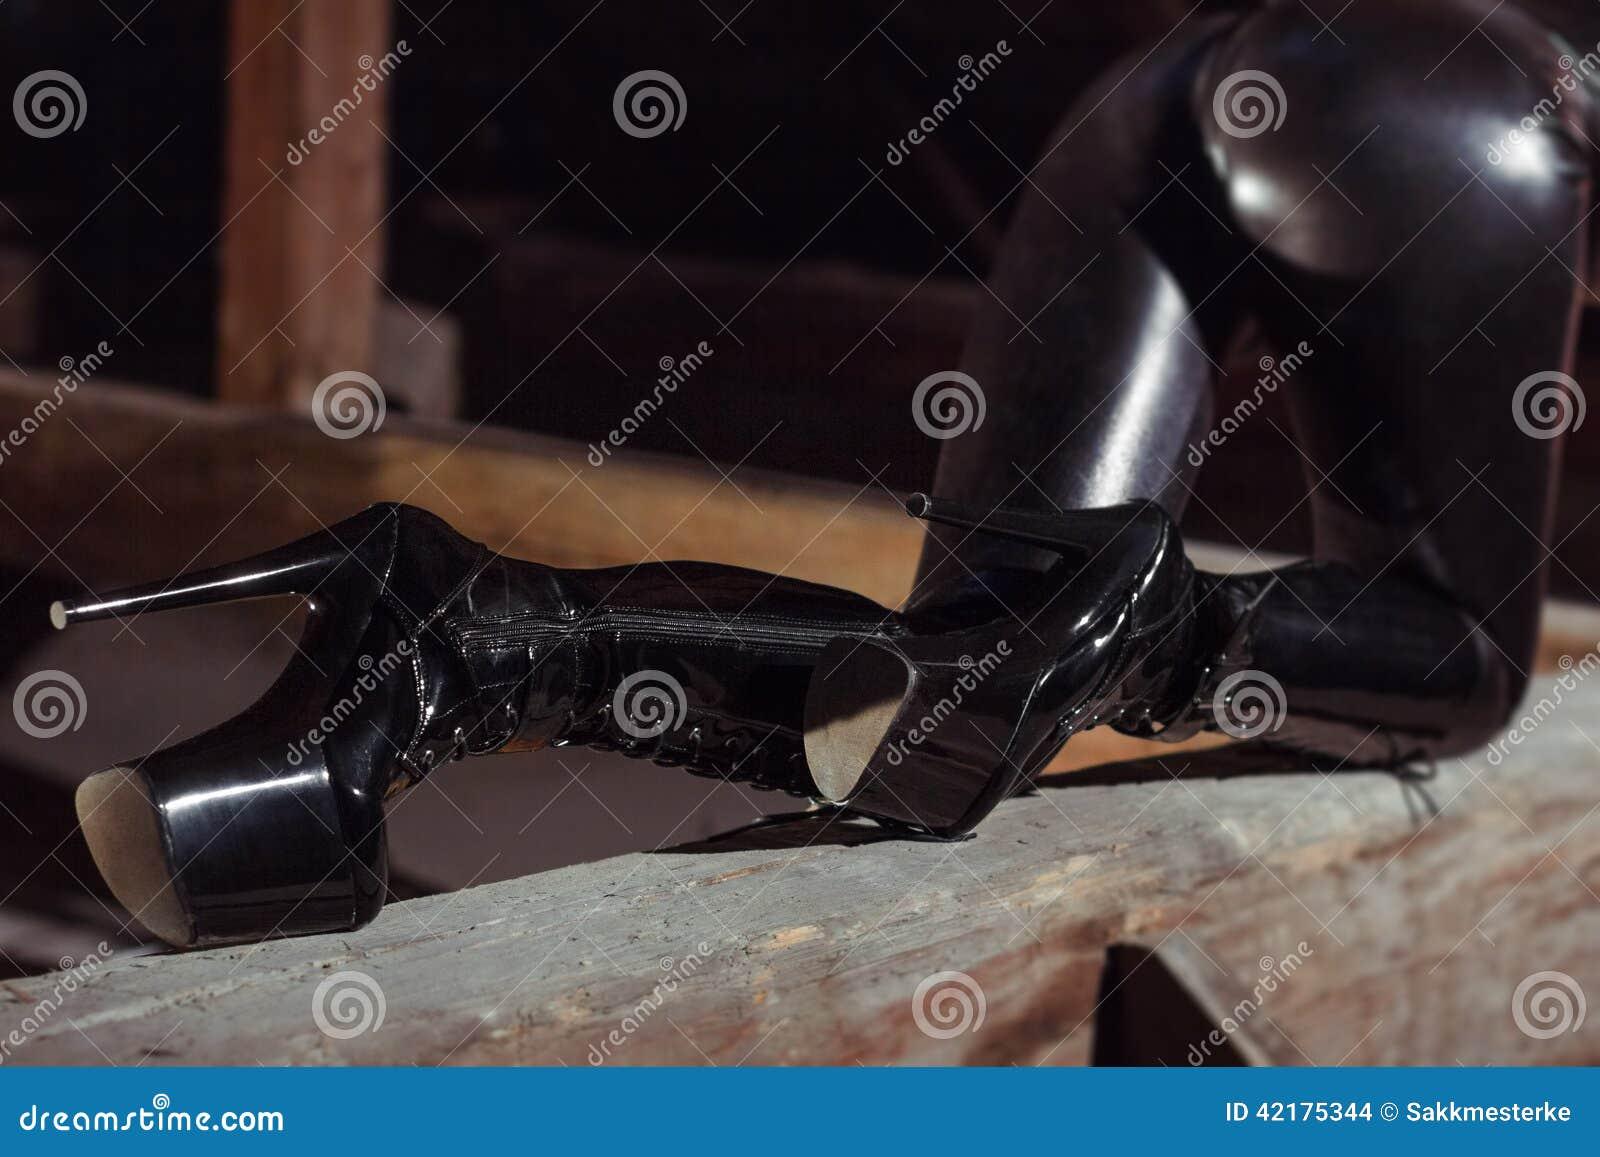 catsuit high heels sex videos bdsm